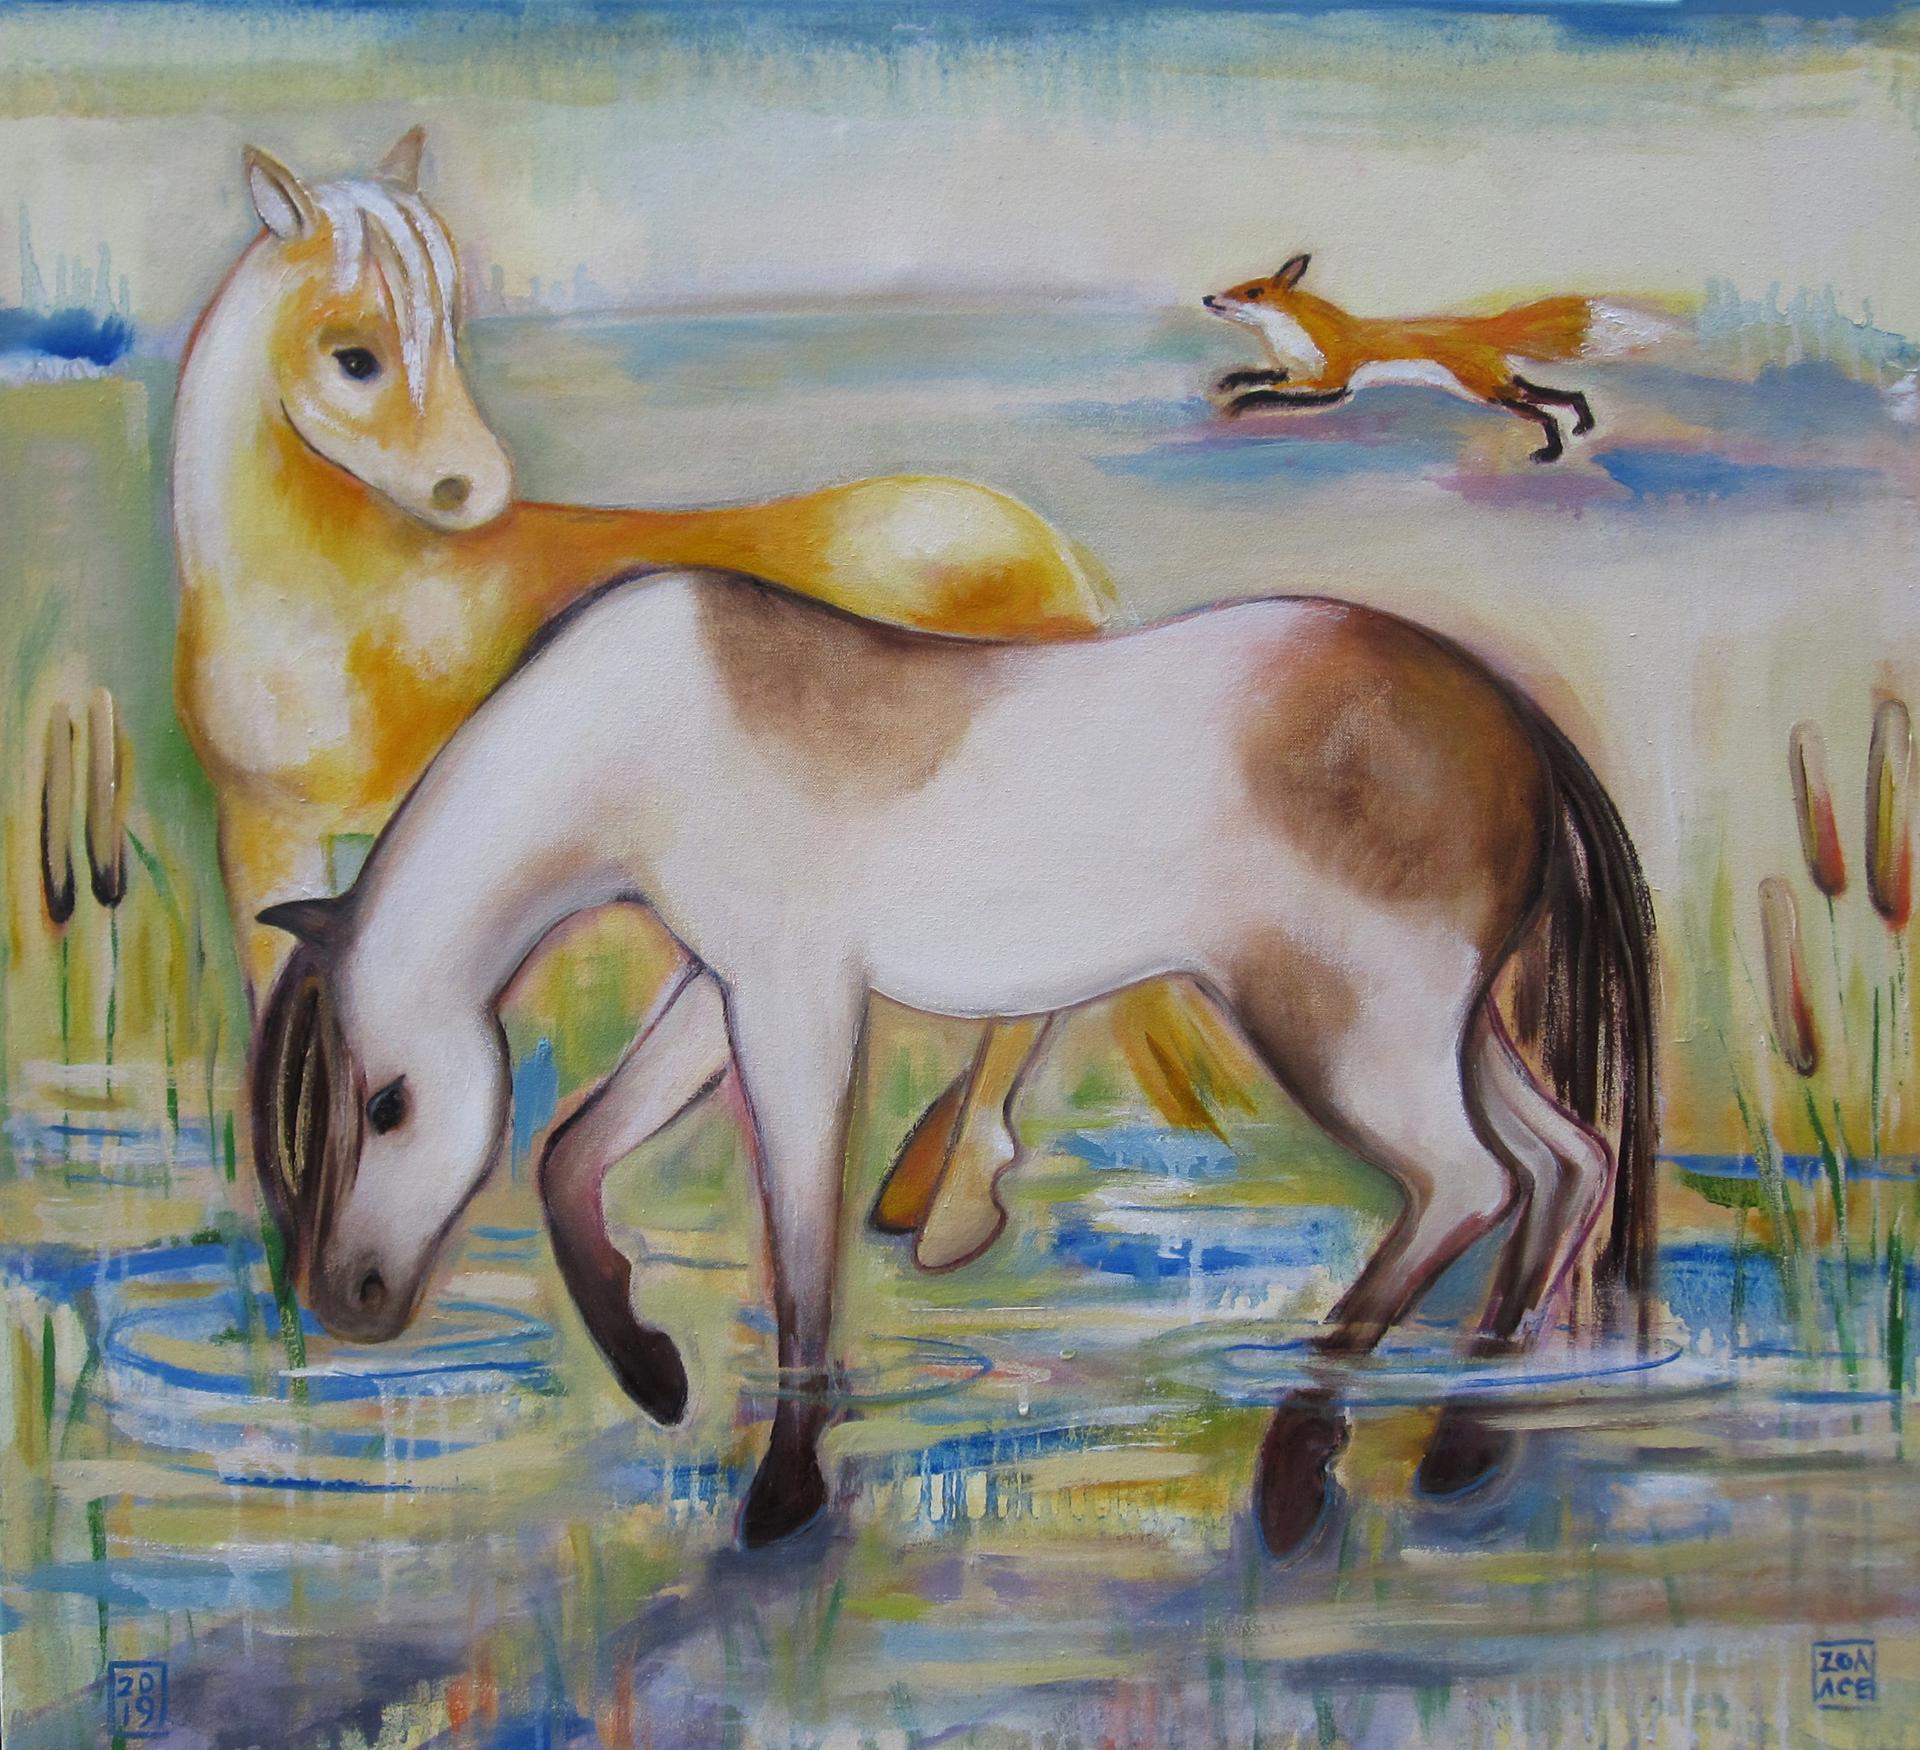 In the Marsh by Zoa Ace